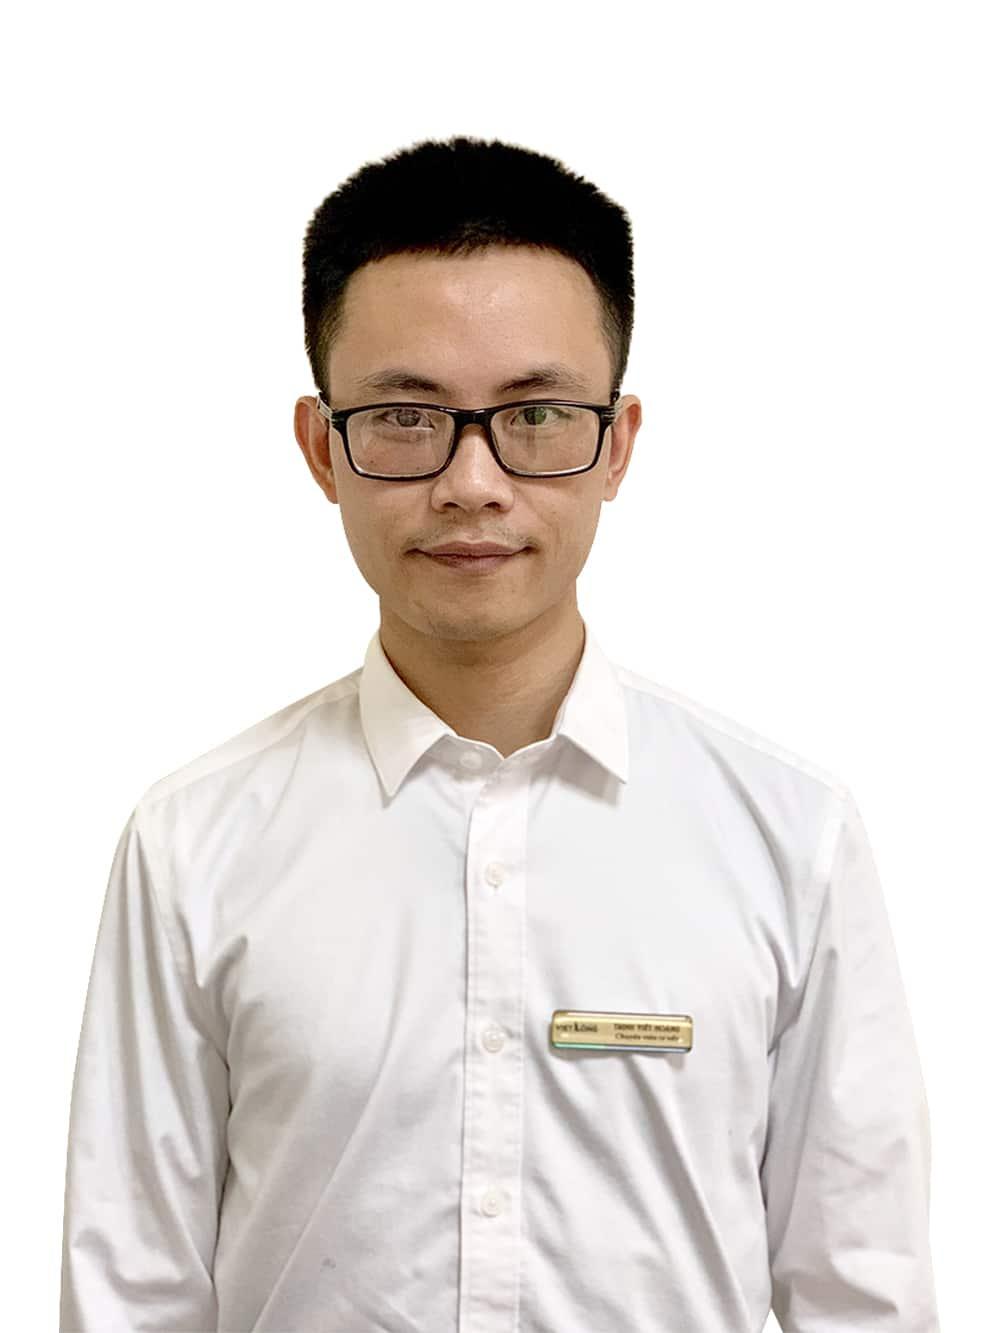 Trịnh Viết Hoàng